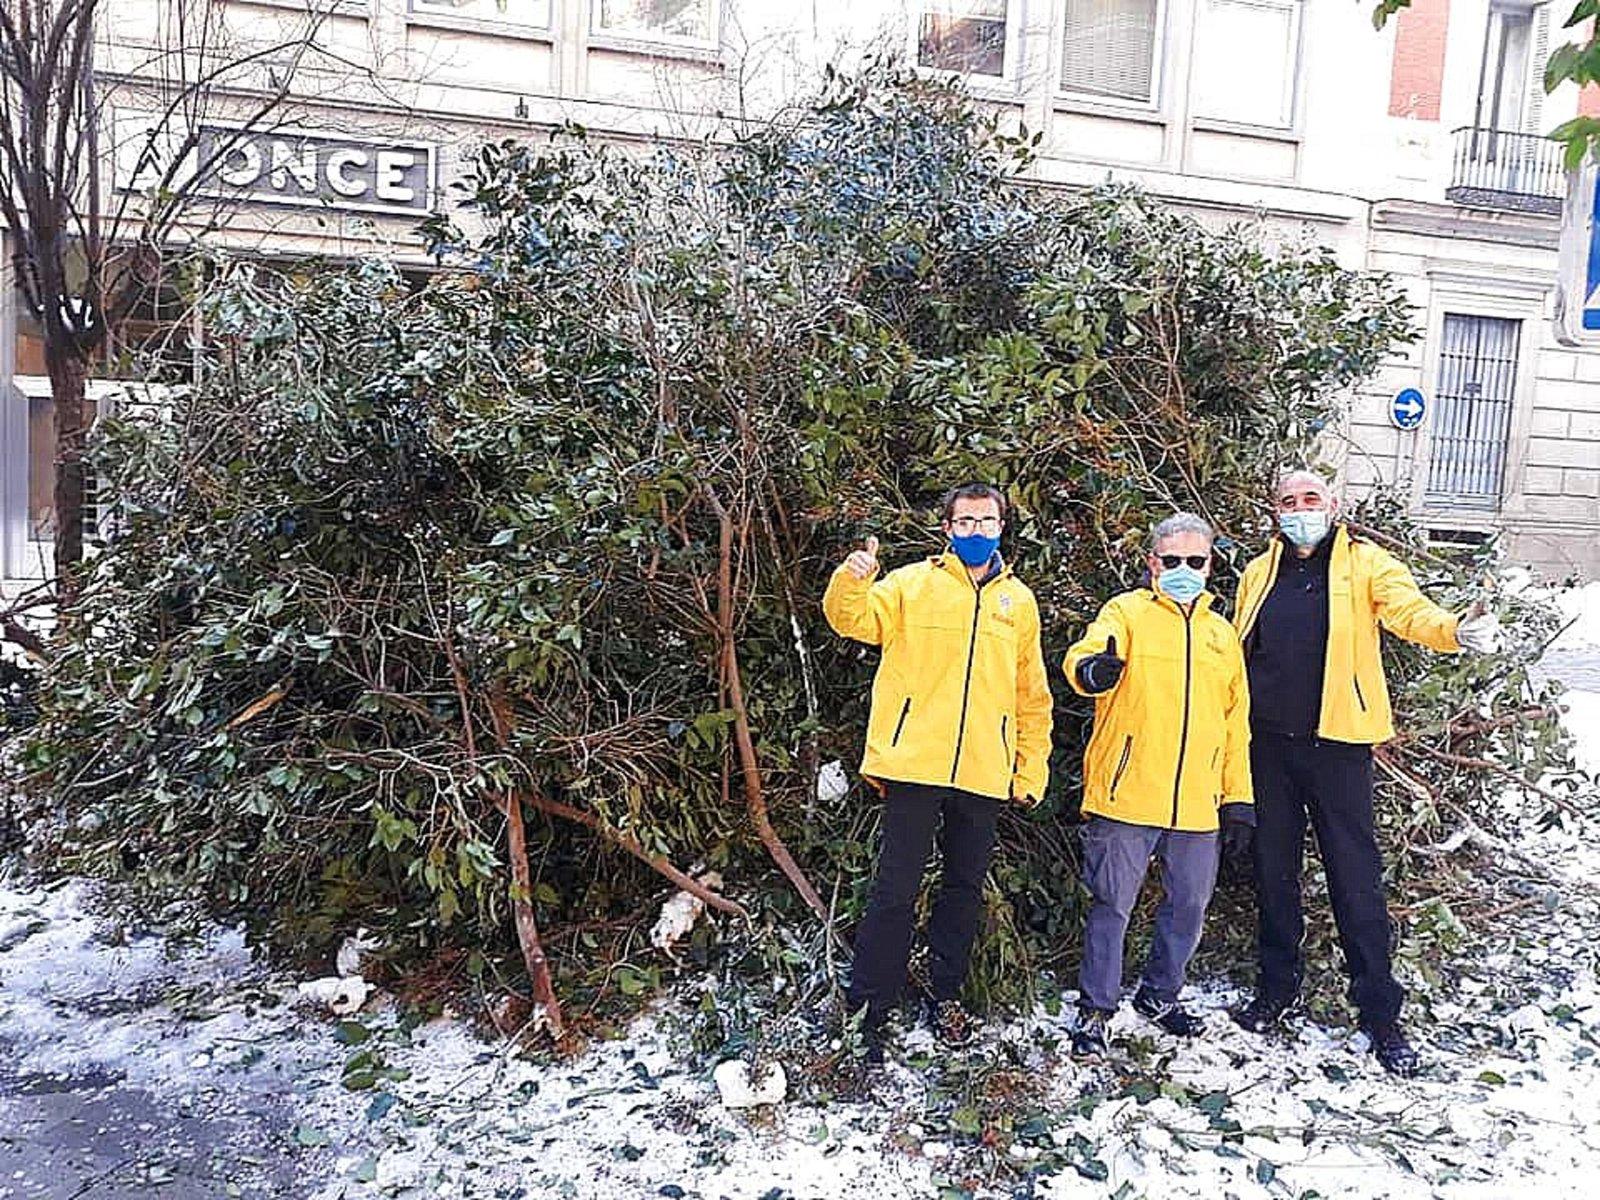 Dobrovolní duchovní ze Španělské národní scientologické církve se mobilizovali, aby odklidili sníh, led, padlé stromy a trosky.